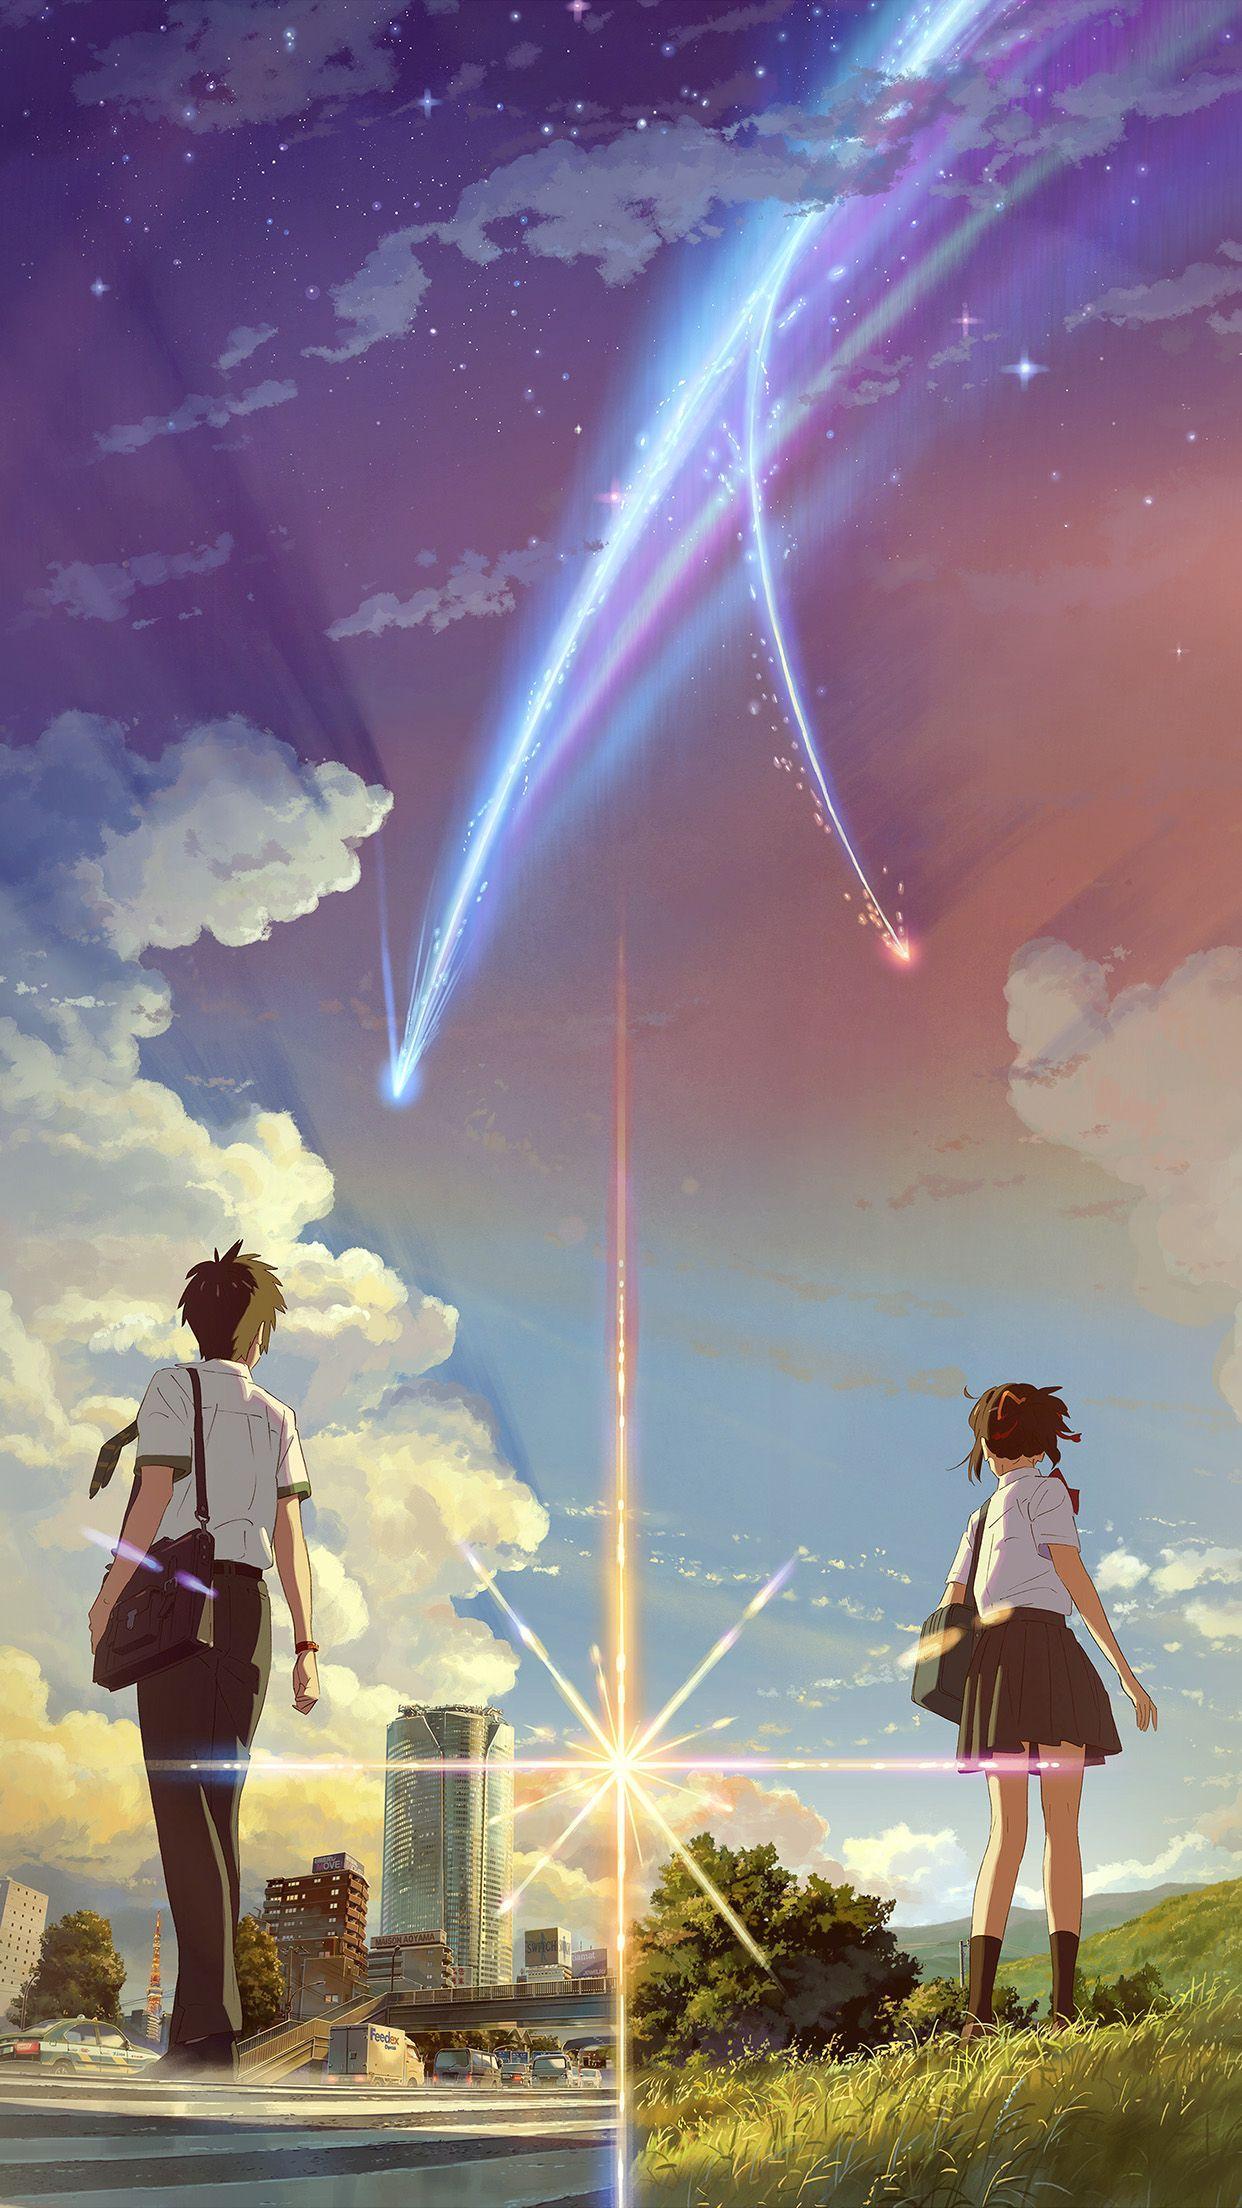 Anime Boy And Girl Wallpapers Top Free Anime Boy And Girl